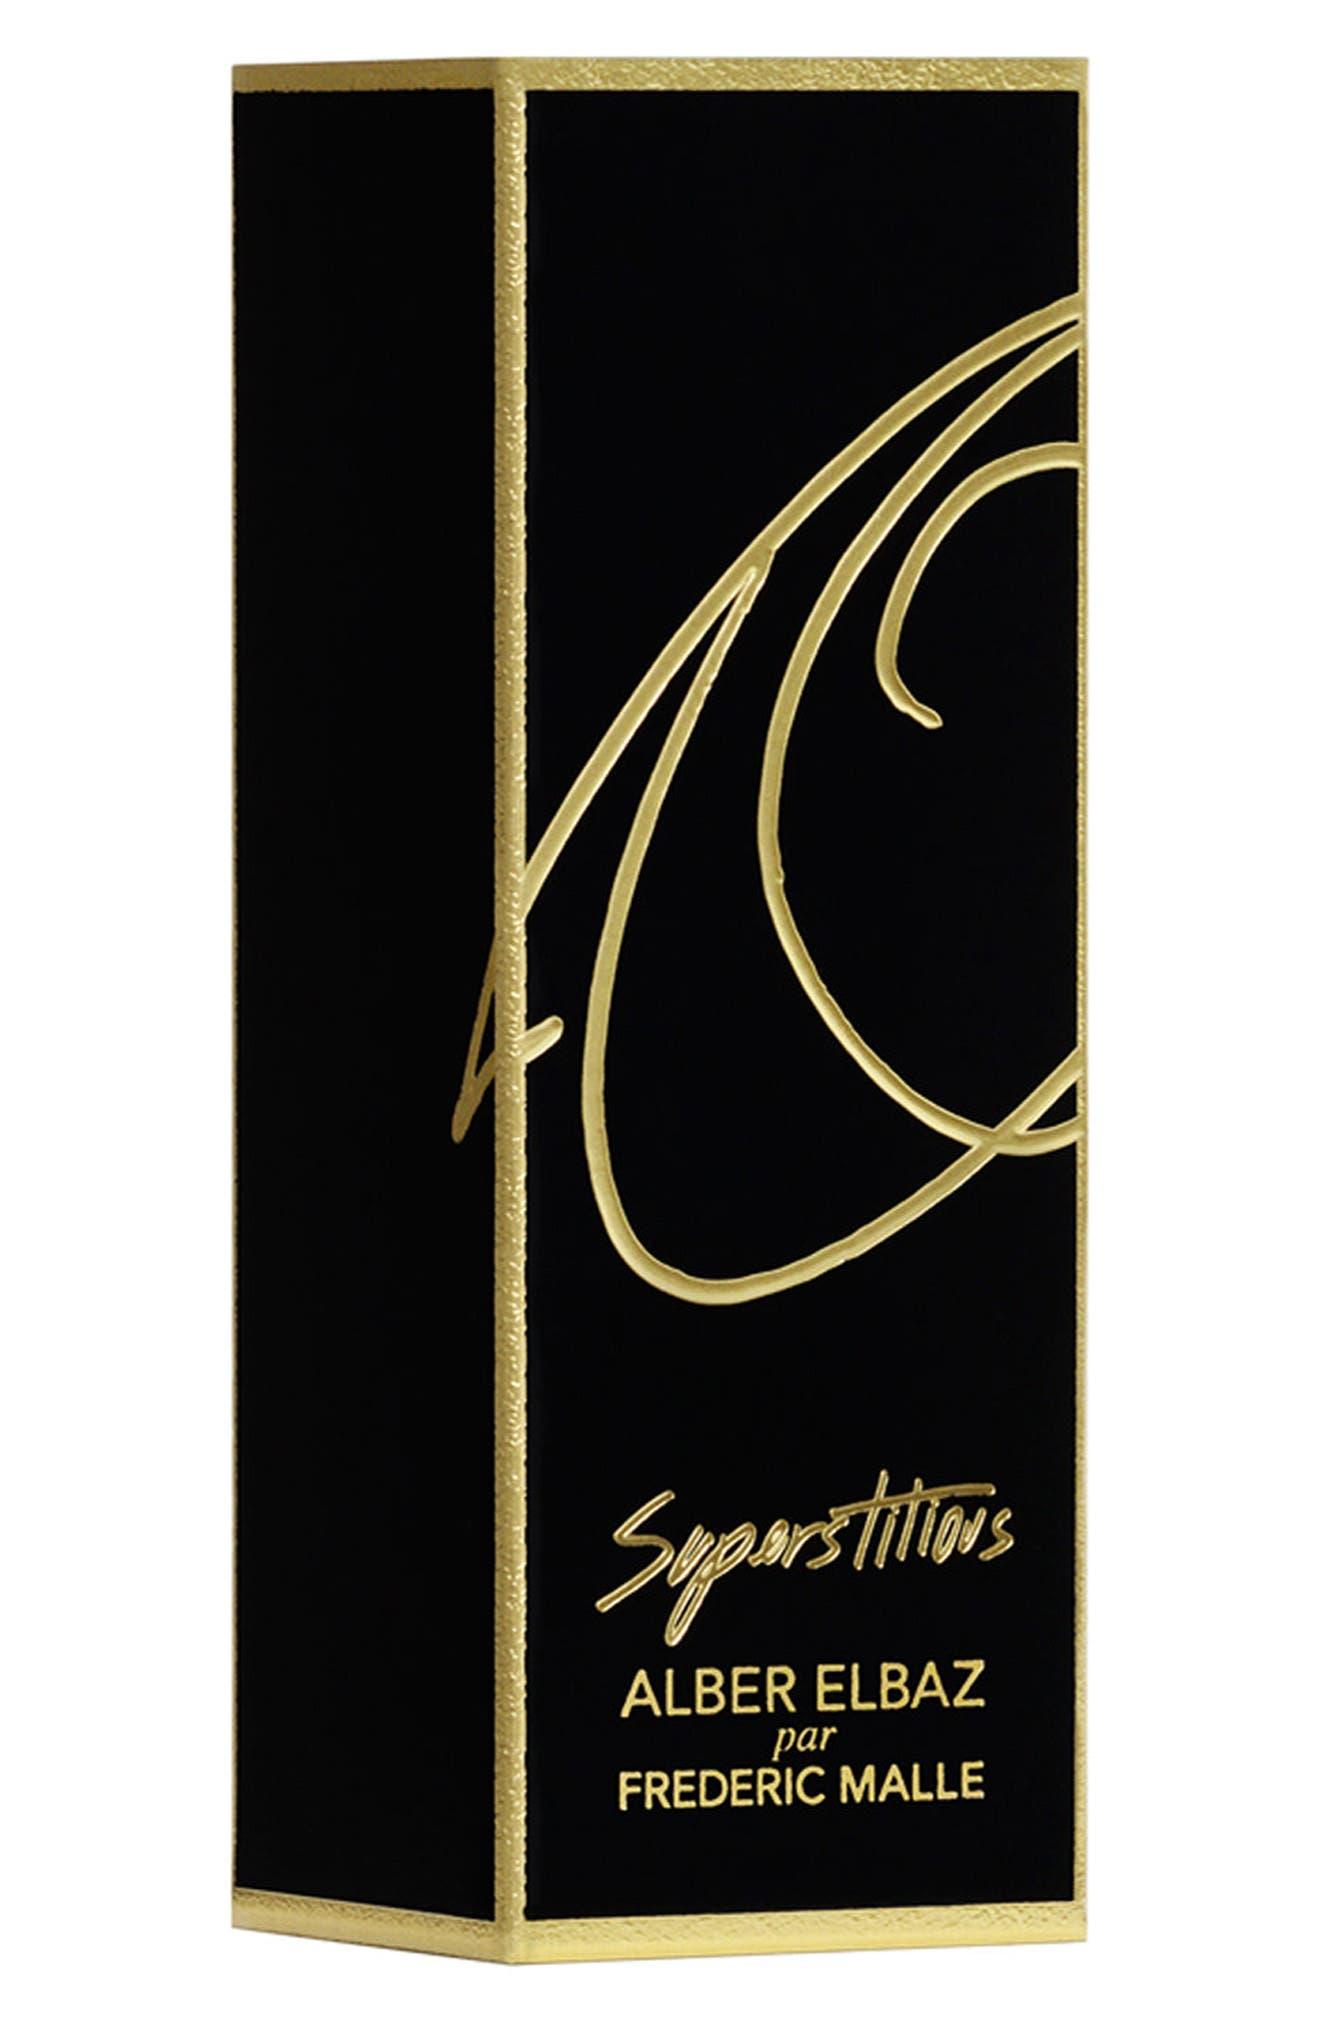 Editions de Parfums Frédéric Malle Alber Elbaz Superstitious Eau de Parfum Travel Spray Case,                             Alternate thumbnail 2, color,                             000